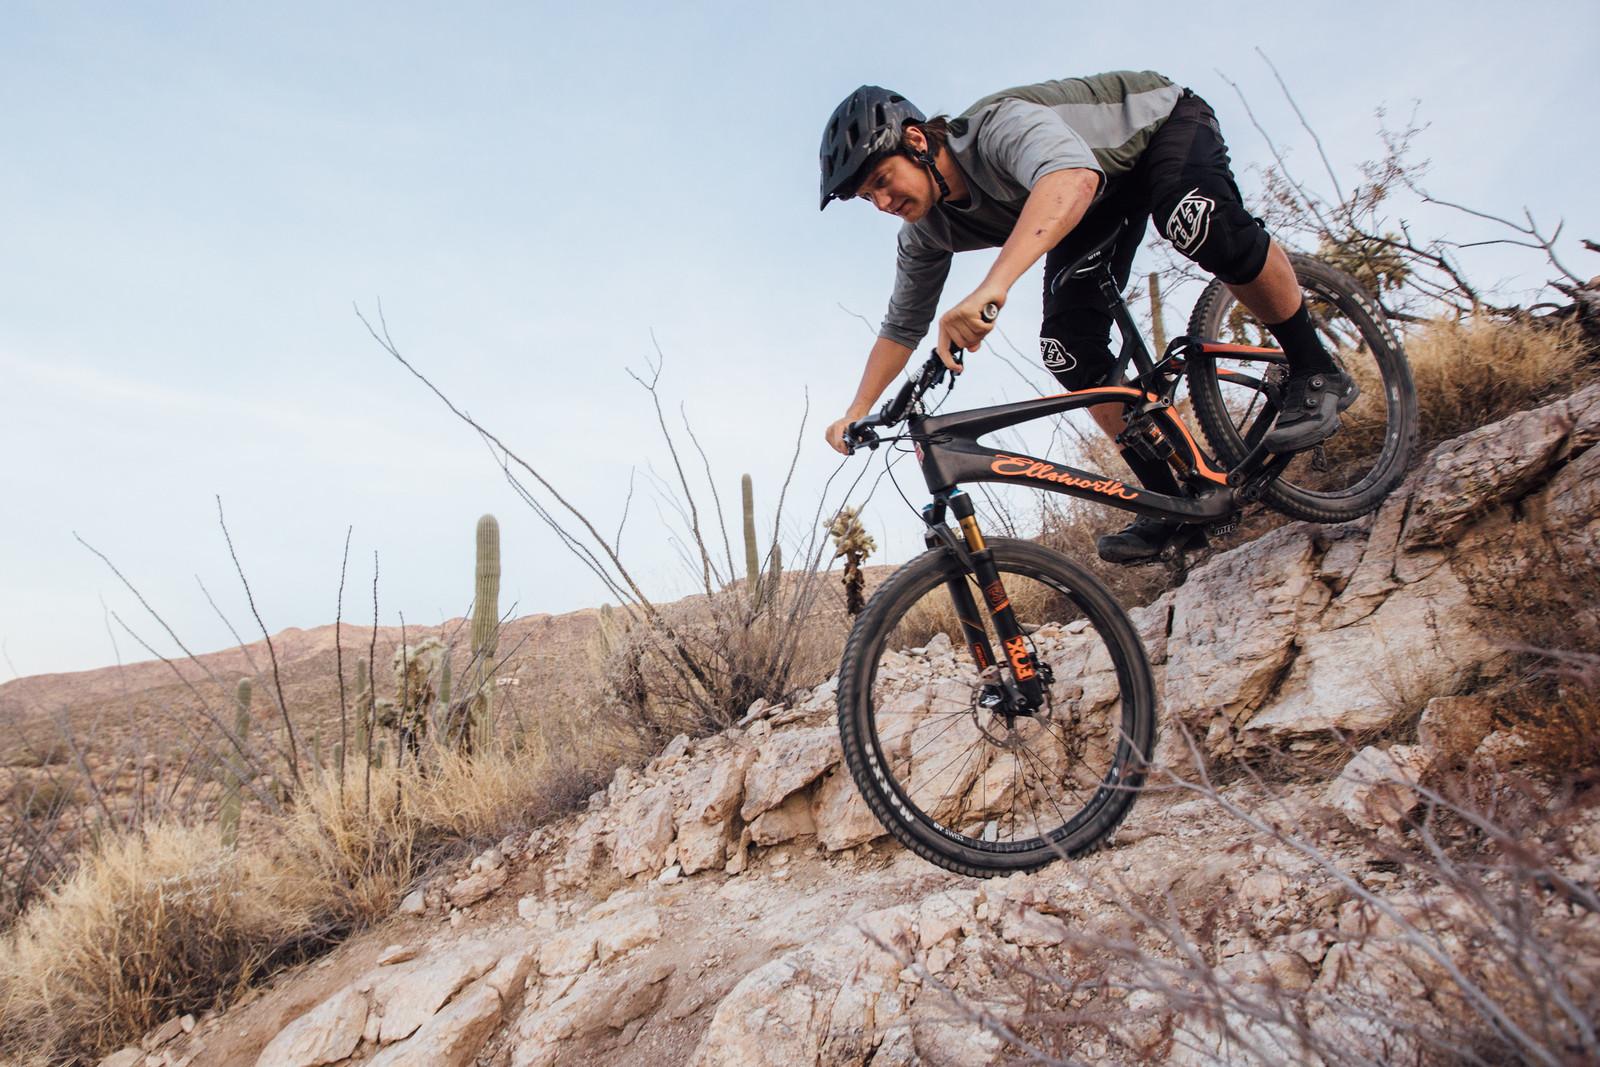 Ellsworth Rogue 60 XT 1X - 2017 Vital MTB Test Sessions - Ellsworth Rogue 60 XT 1X - 2017 Vital MTB Test Sessions - Mountain Biking Pictures - Vital MTB